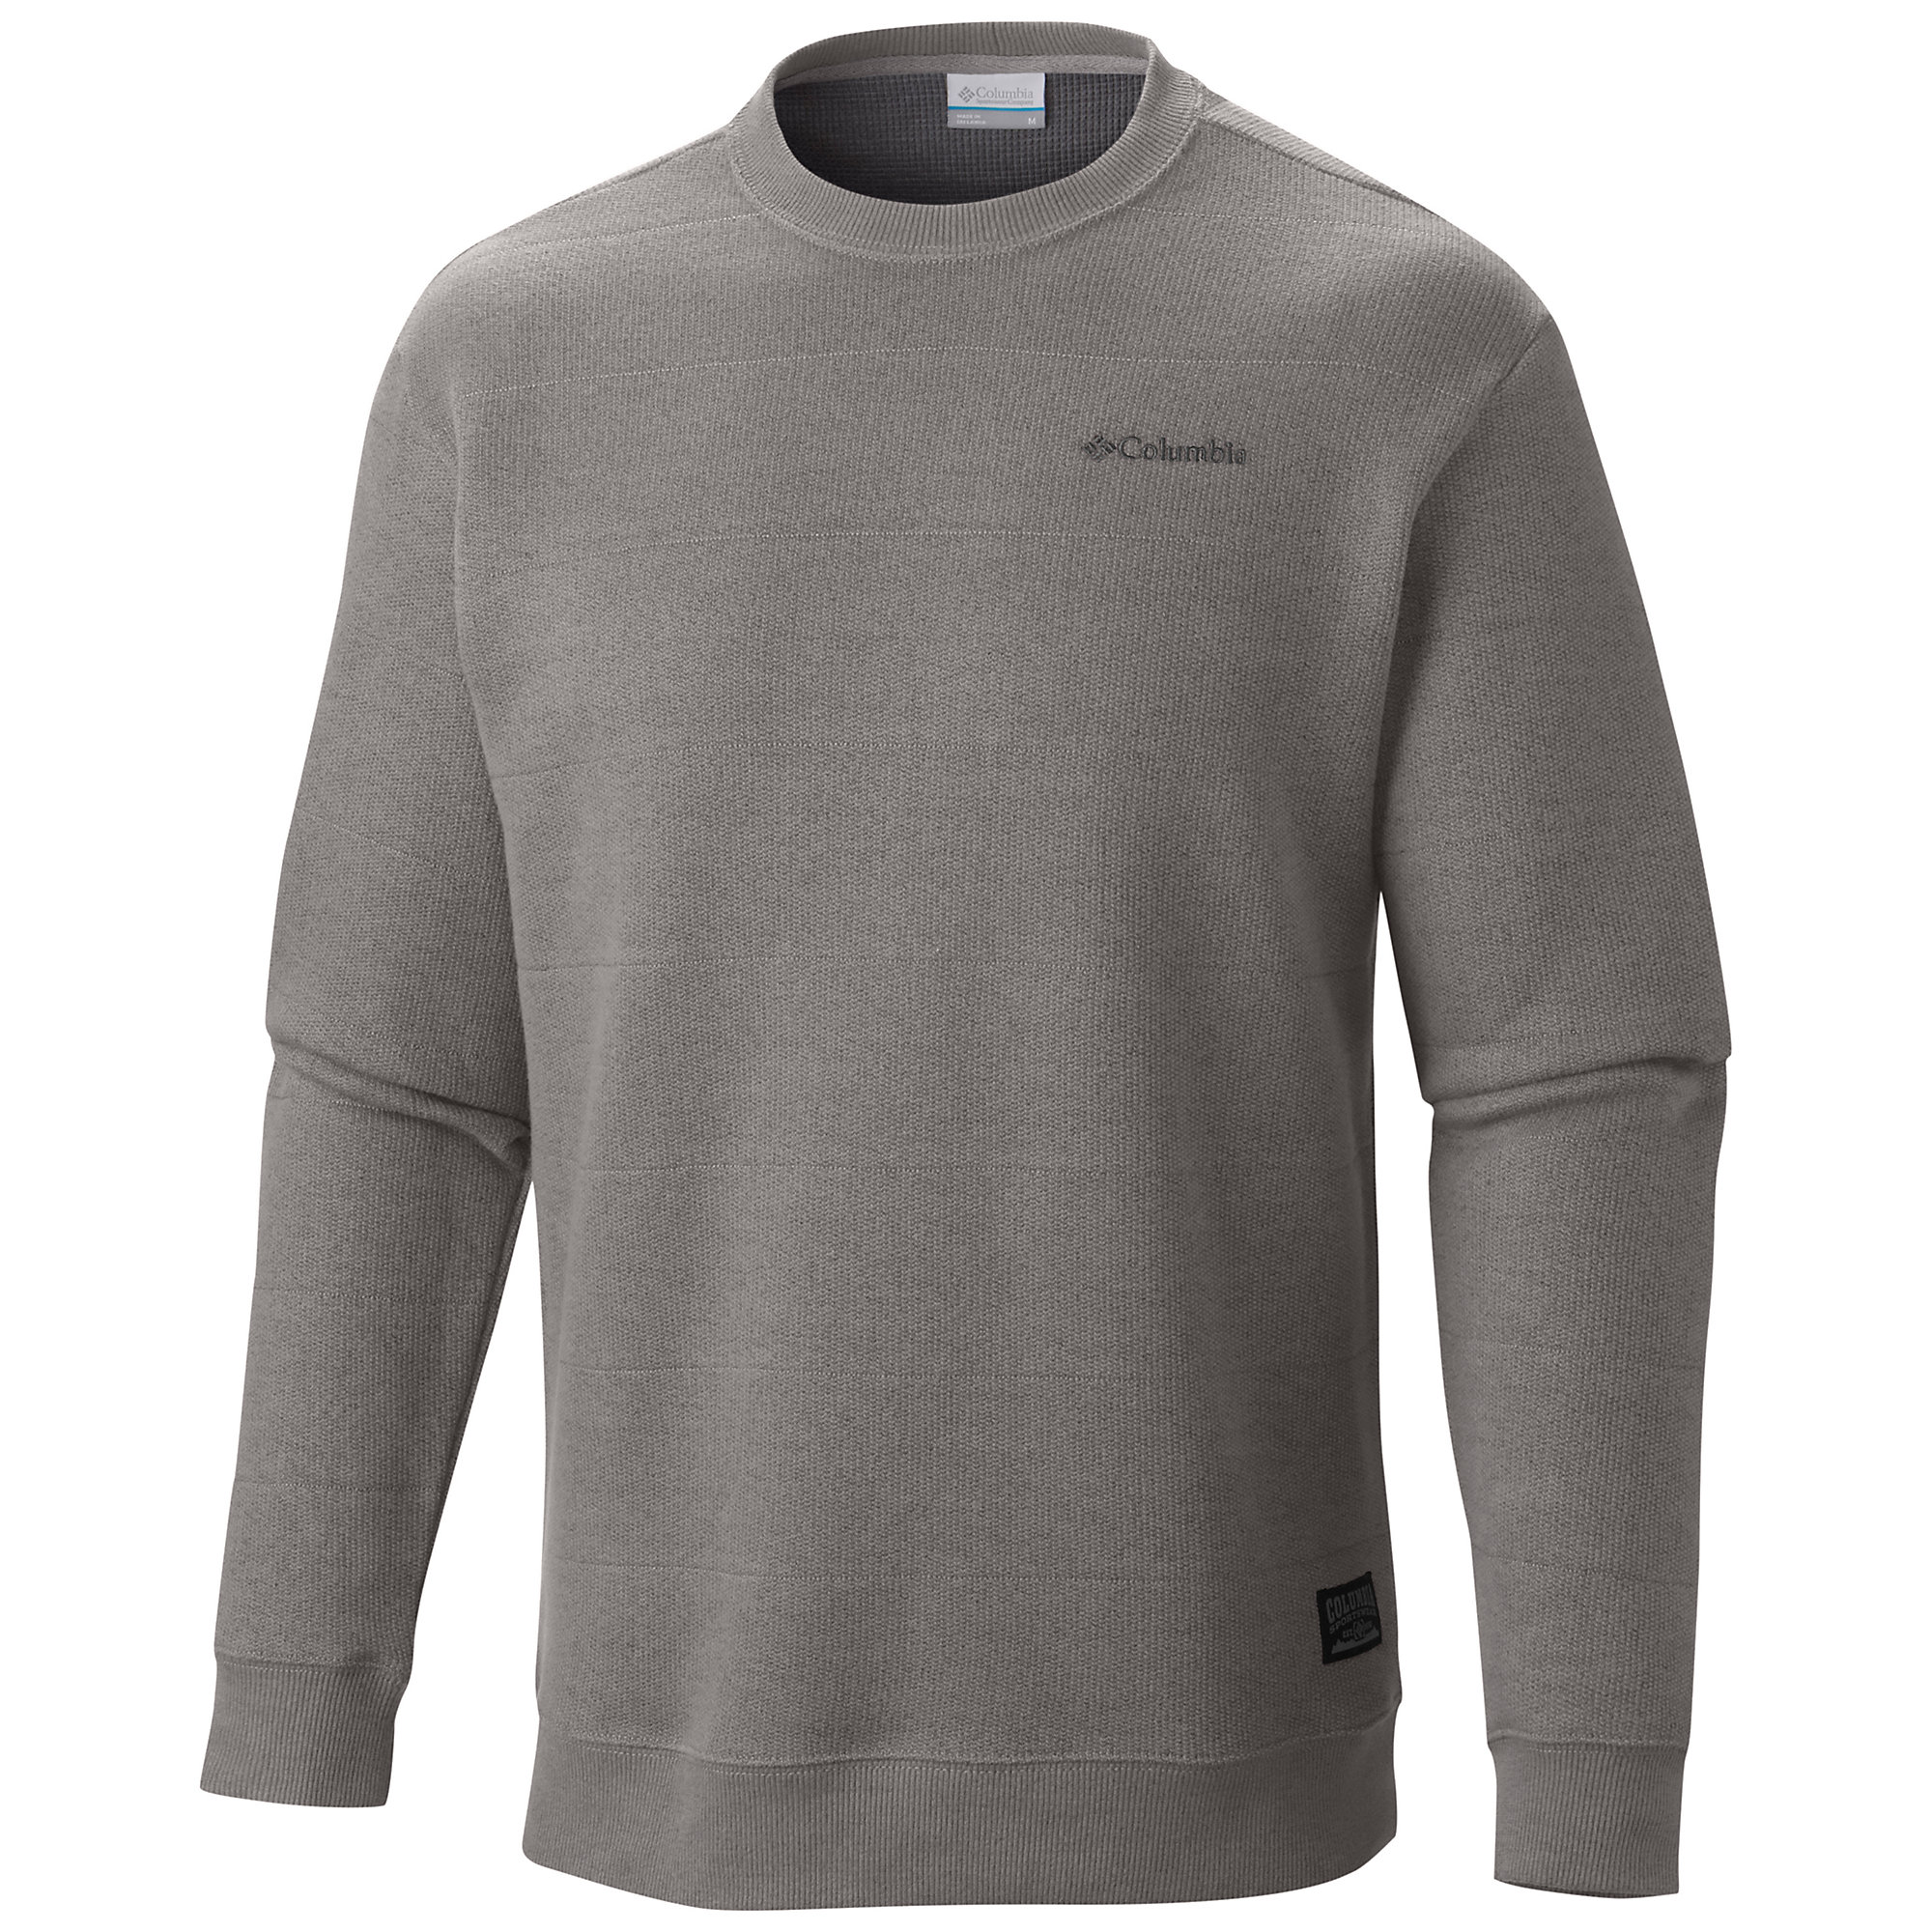 Columbia Great Hart Mountain Crew Fleece Sweatshirt